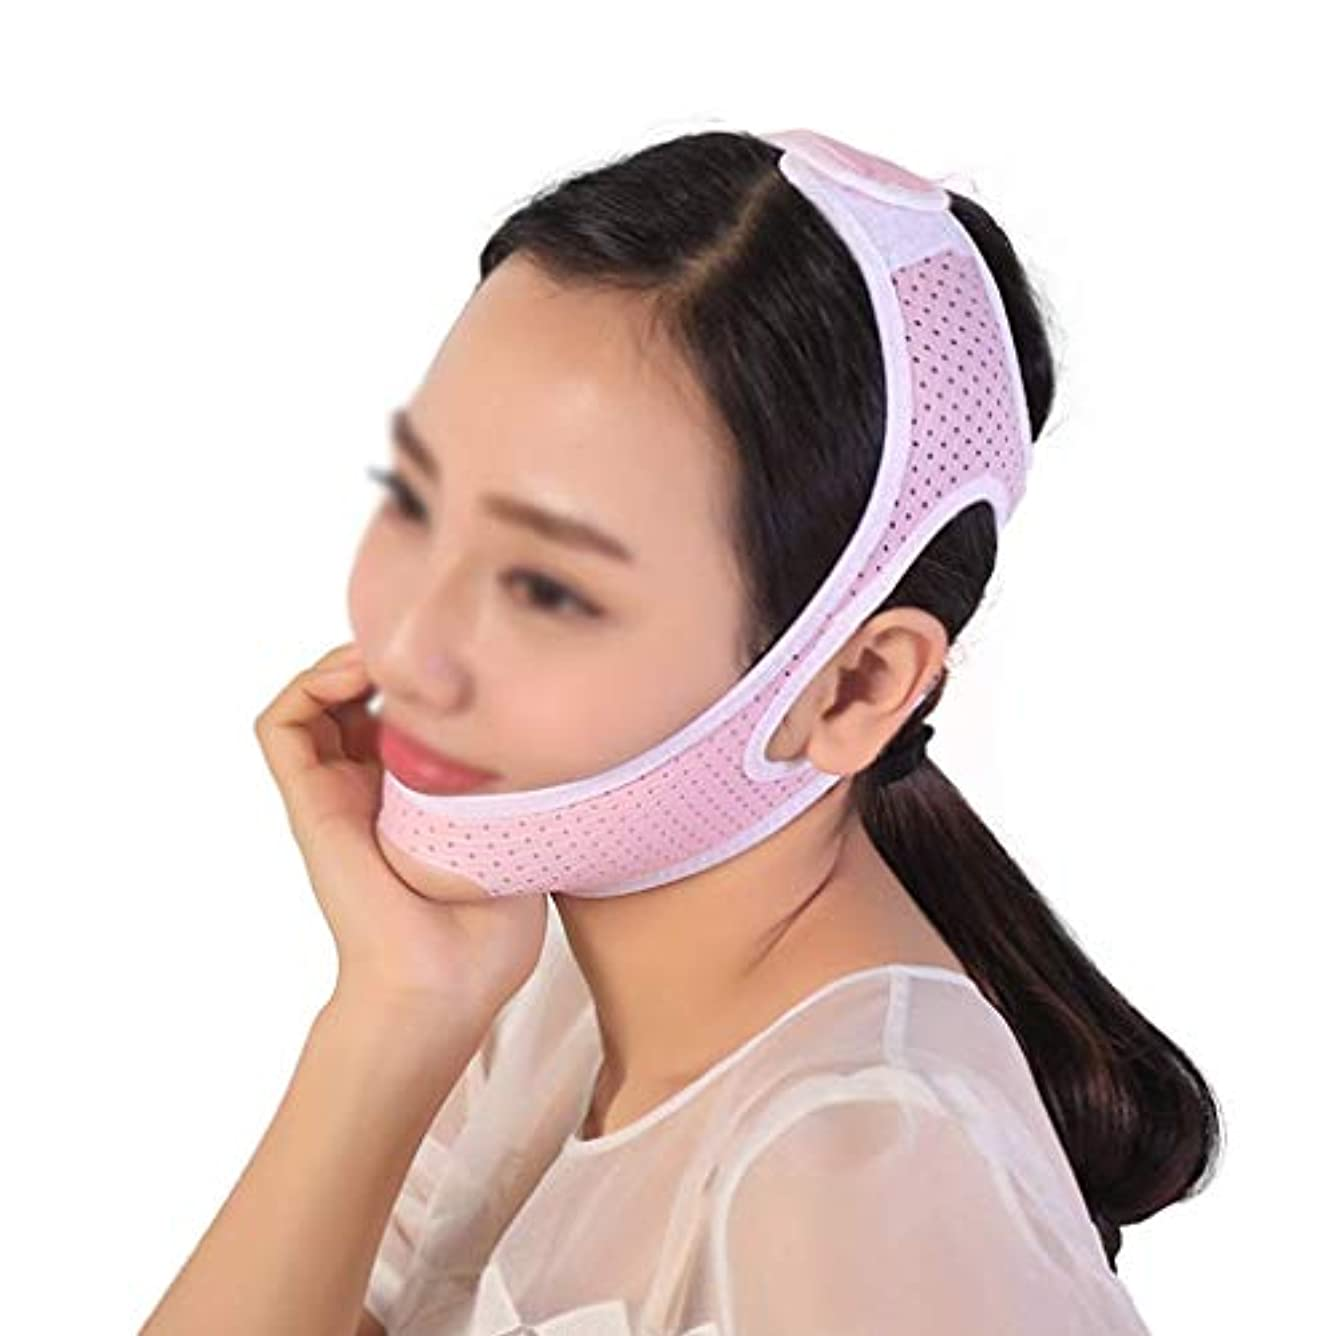 従者ヒステリックウェイトレスフェイスリフトマスク、顔の皮膚の首のあごのラインを改善、リフトフェイス、細い頬マスク、細いチンチーク細いV(ピンク)(サイズ:M),L